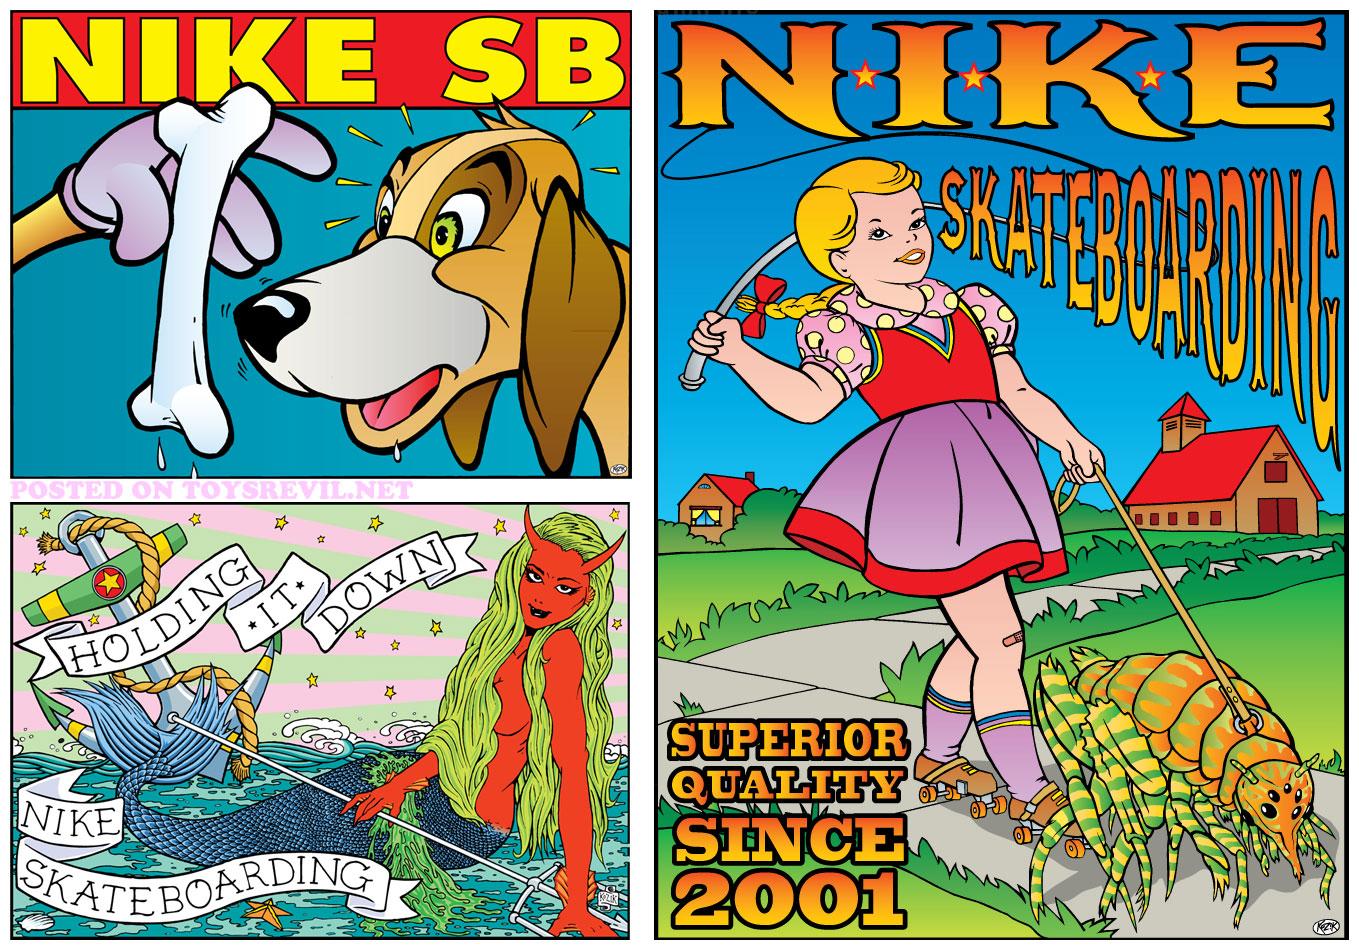 Frank Kozik x Nike SB